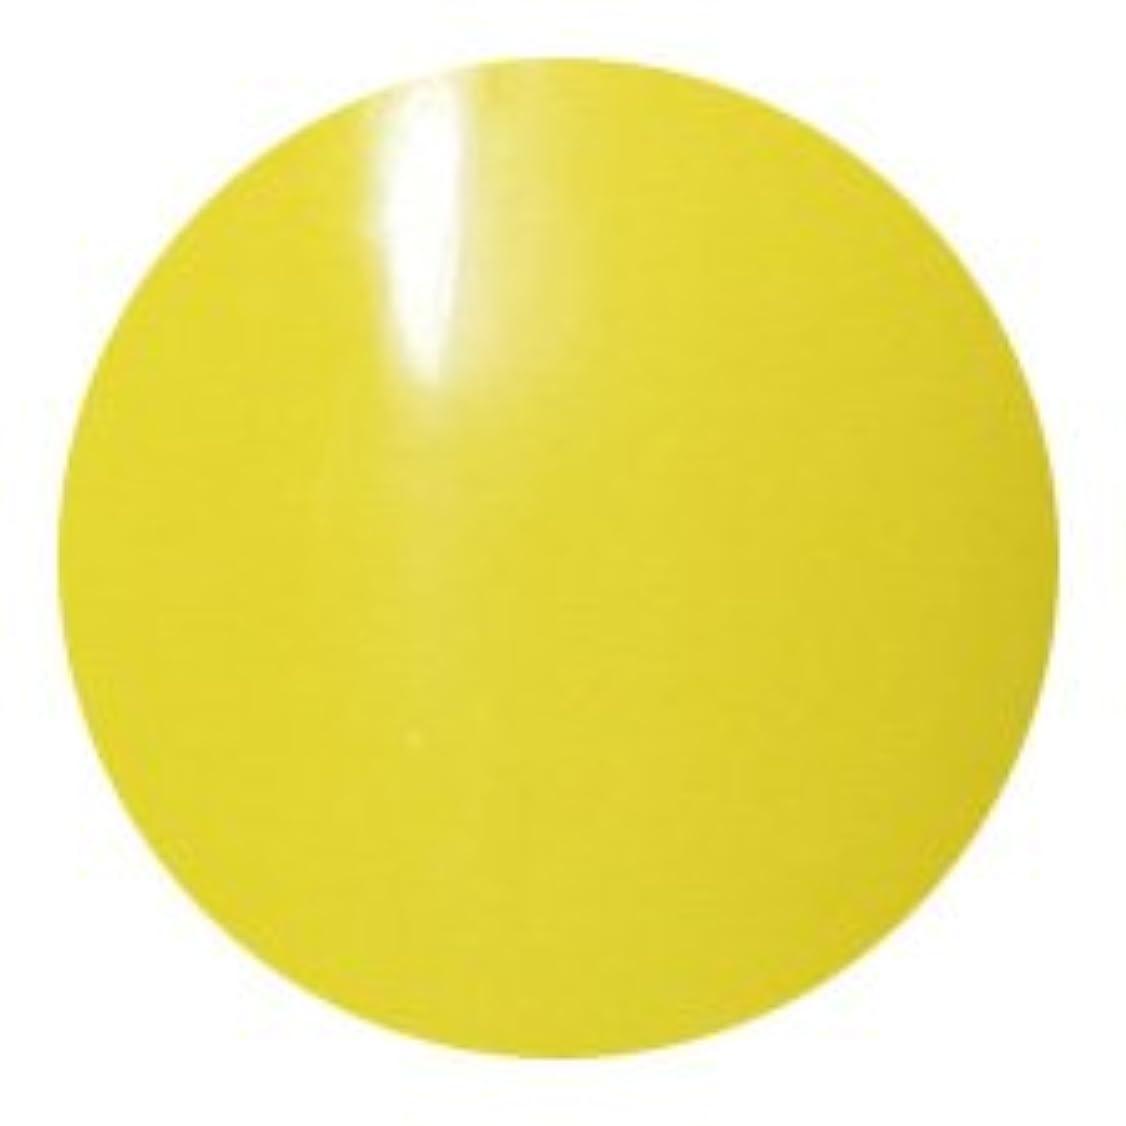 お別れ安全教えAMGEL(アンジェル) カラージェル 3g AL12M ガンバレモン